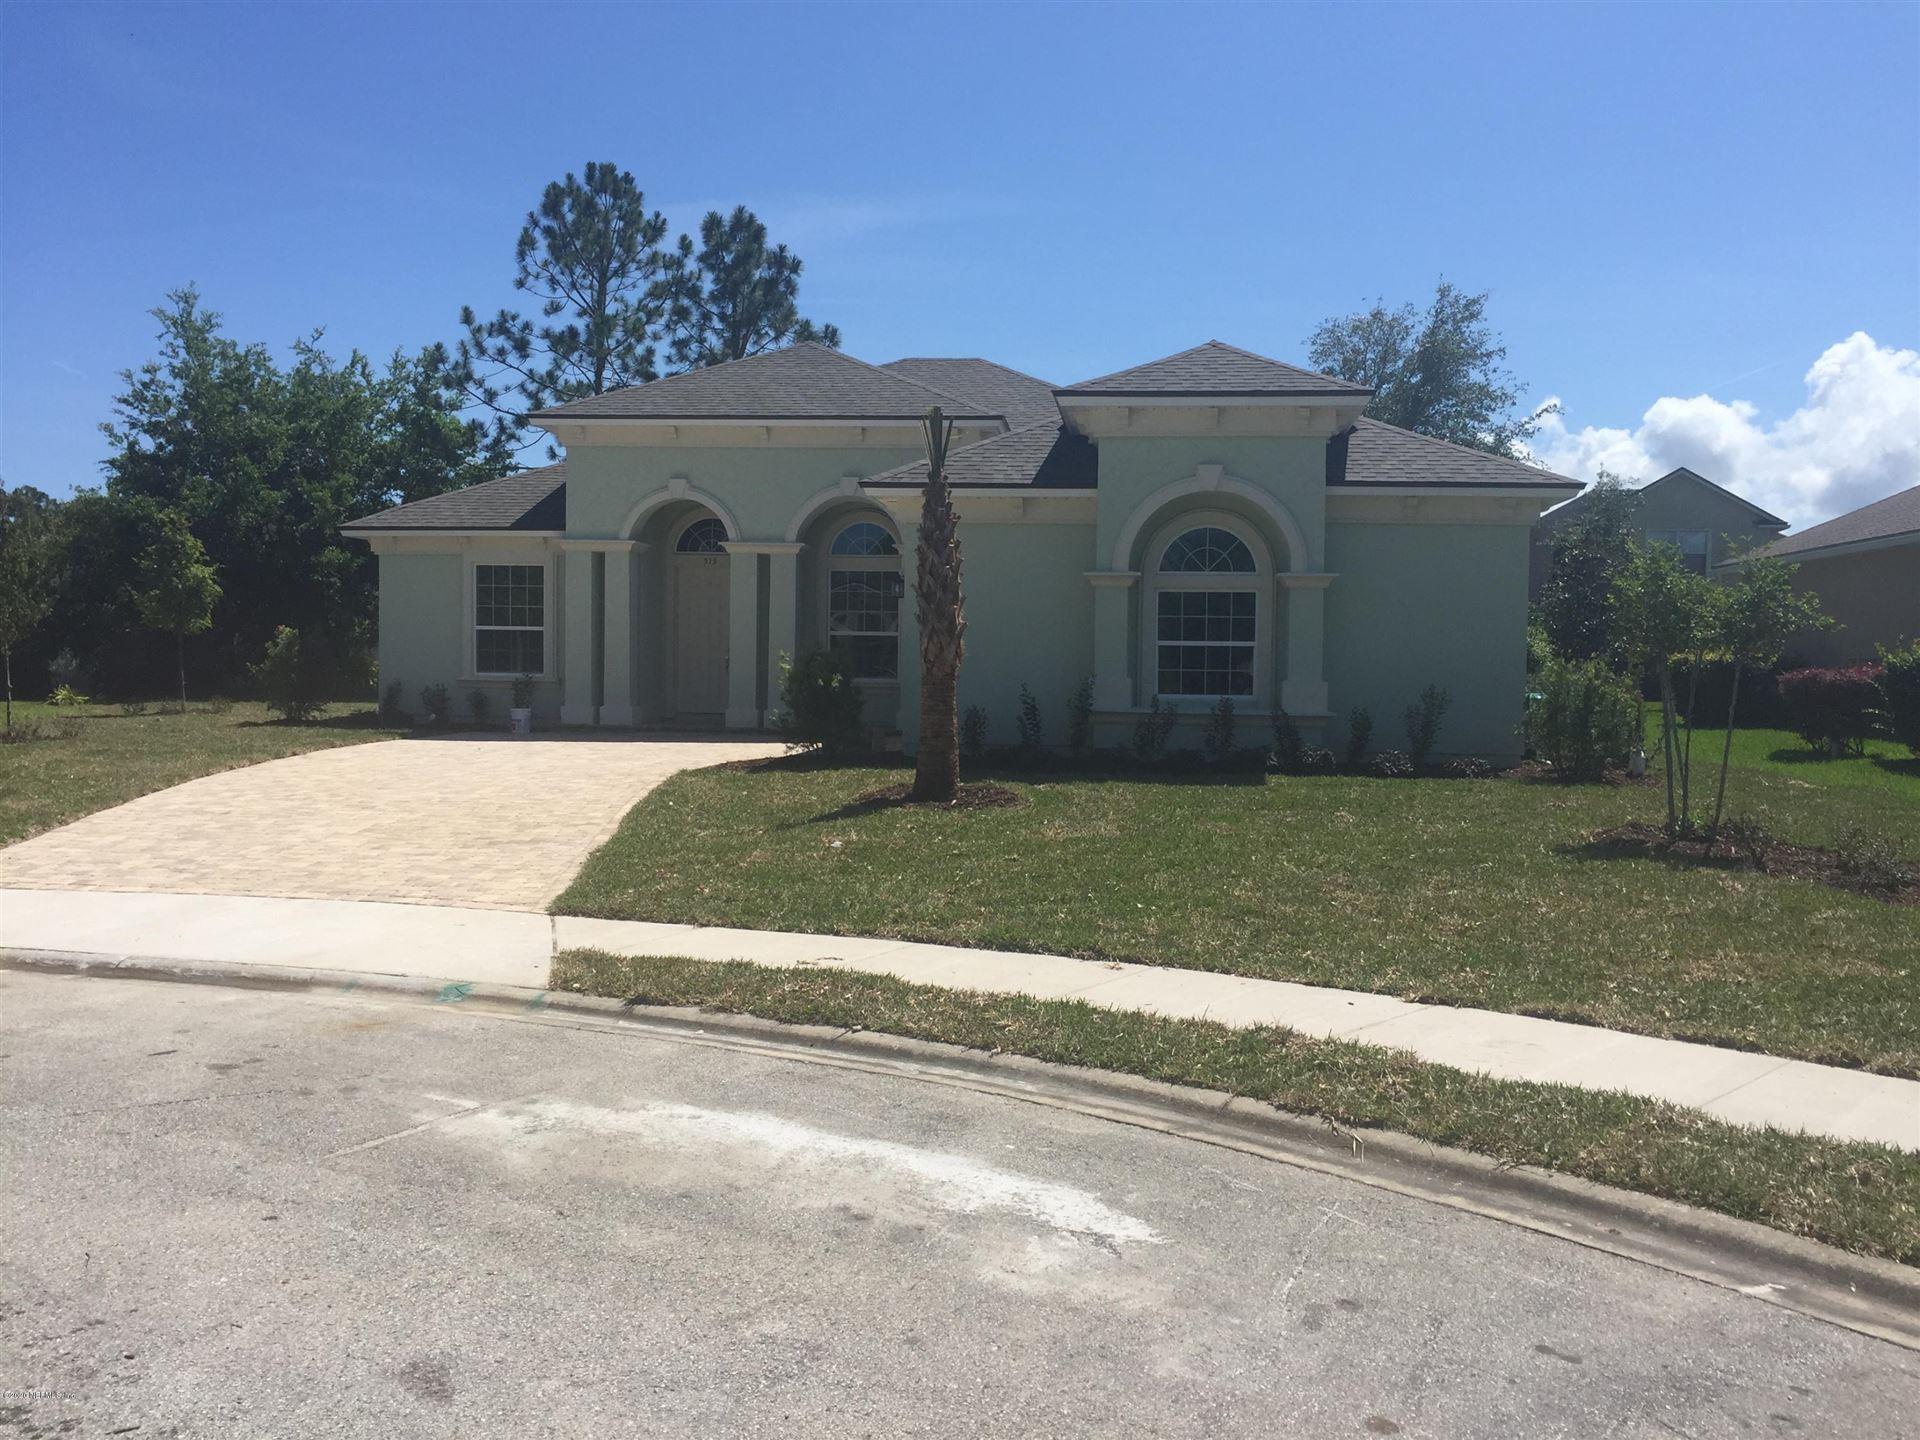 513 CALIENTE PL #Lot No: 7, Saint Augustine, FL 32086 - MLS#: 1048489